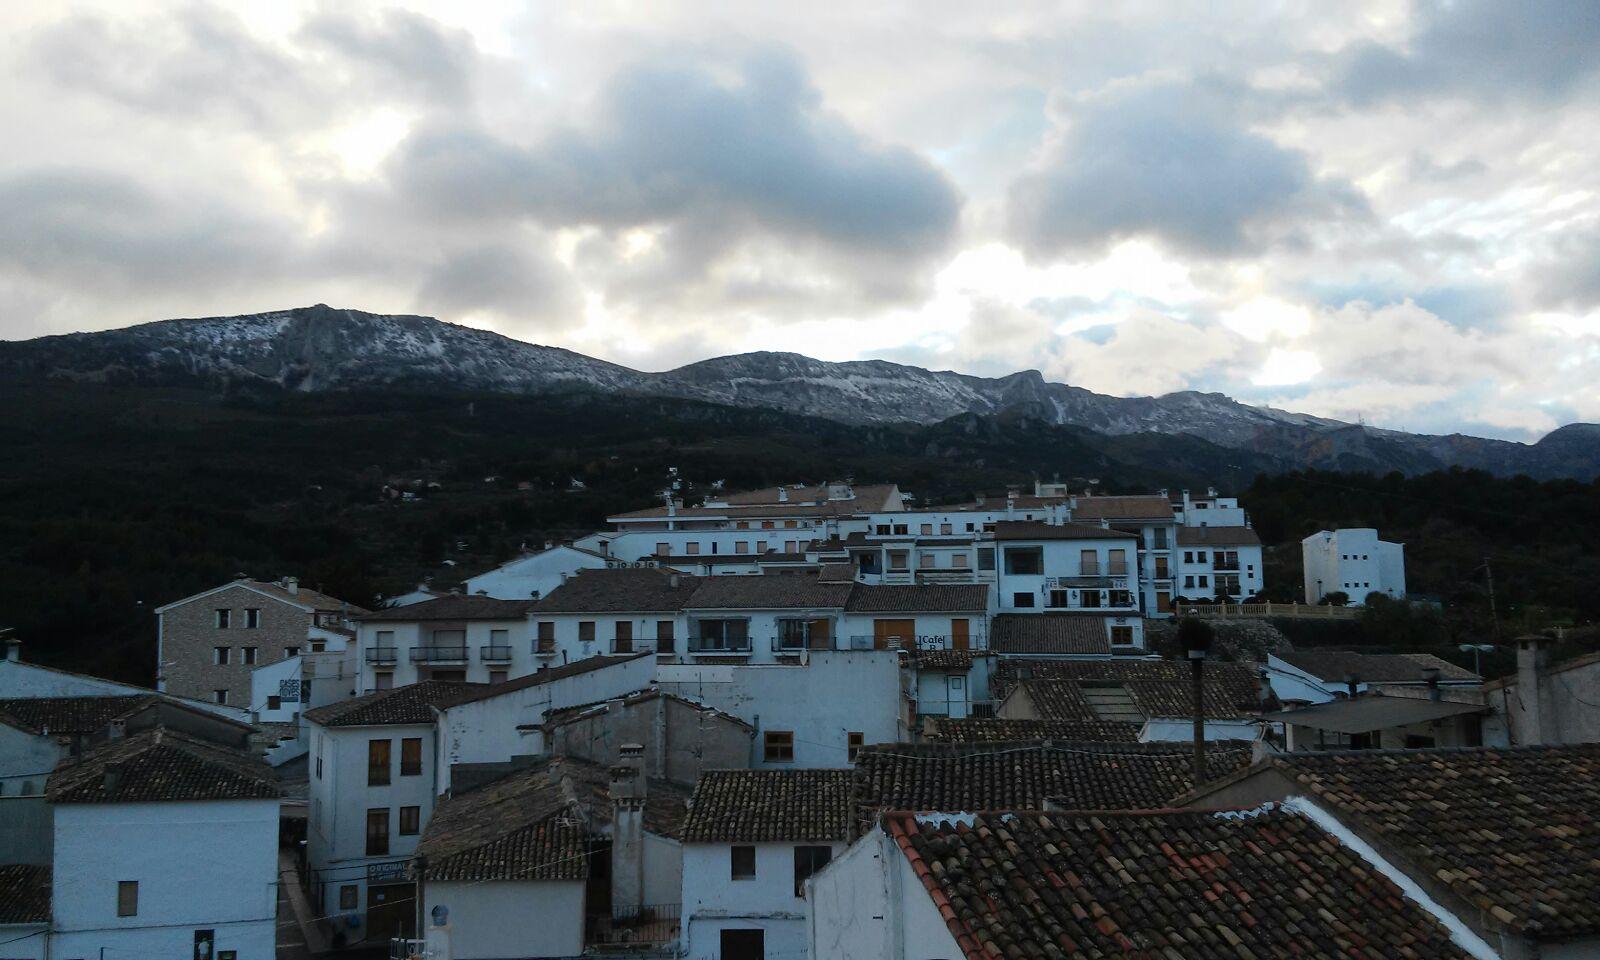 La nieve cubre la cumbre de Aitana